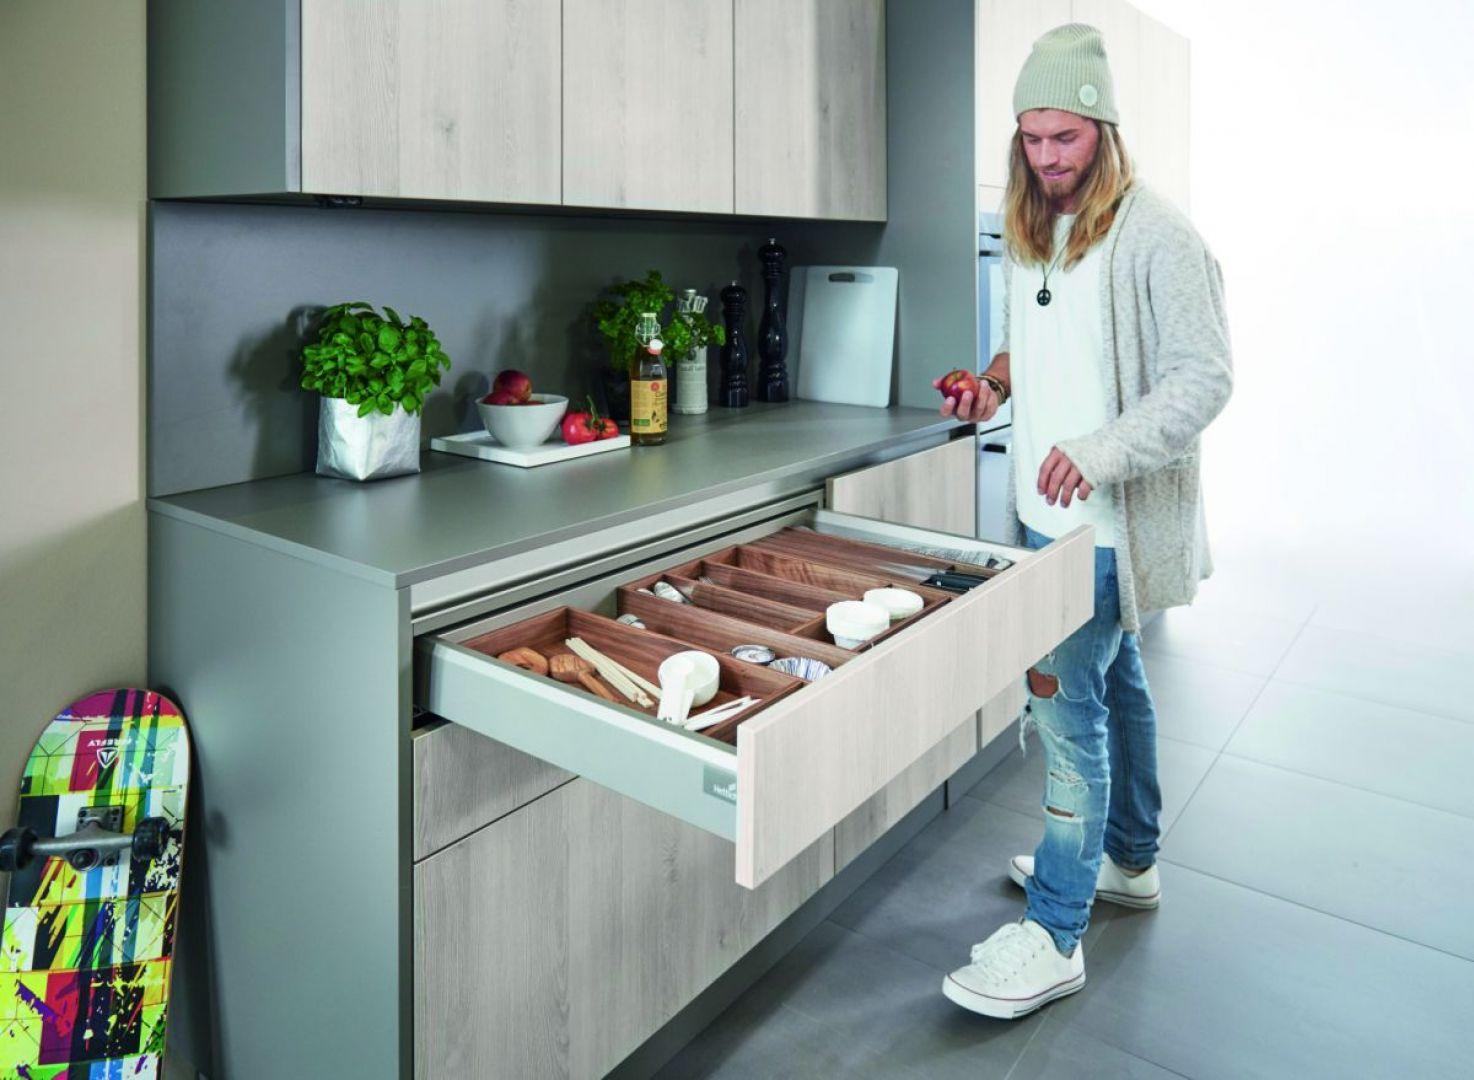 Szeroka szuflada nie tylko atrakcyjnie się prezentuje, ale to spory potencjał przestrzeni do przechowywania. Fot. Hettich